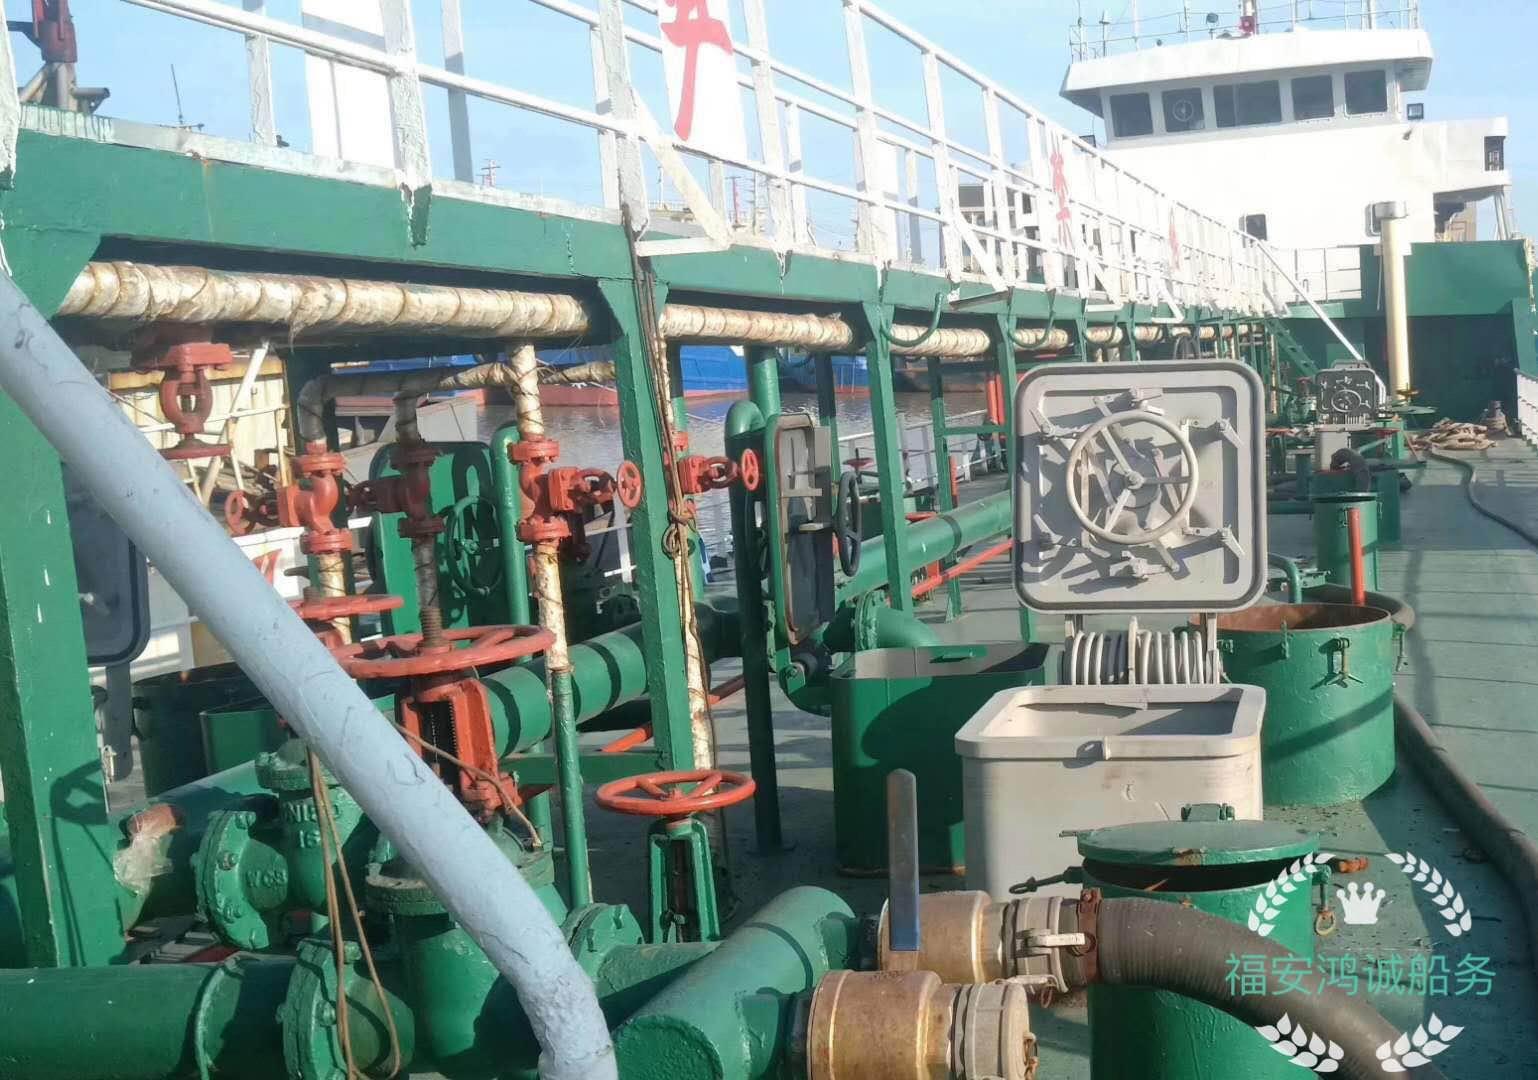 出售1000吨轻油船